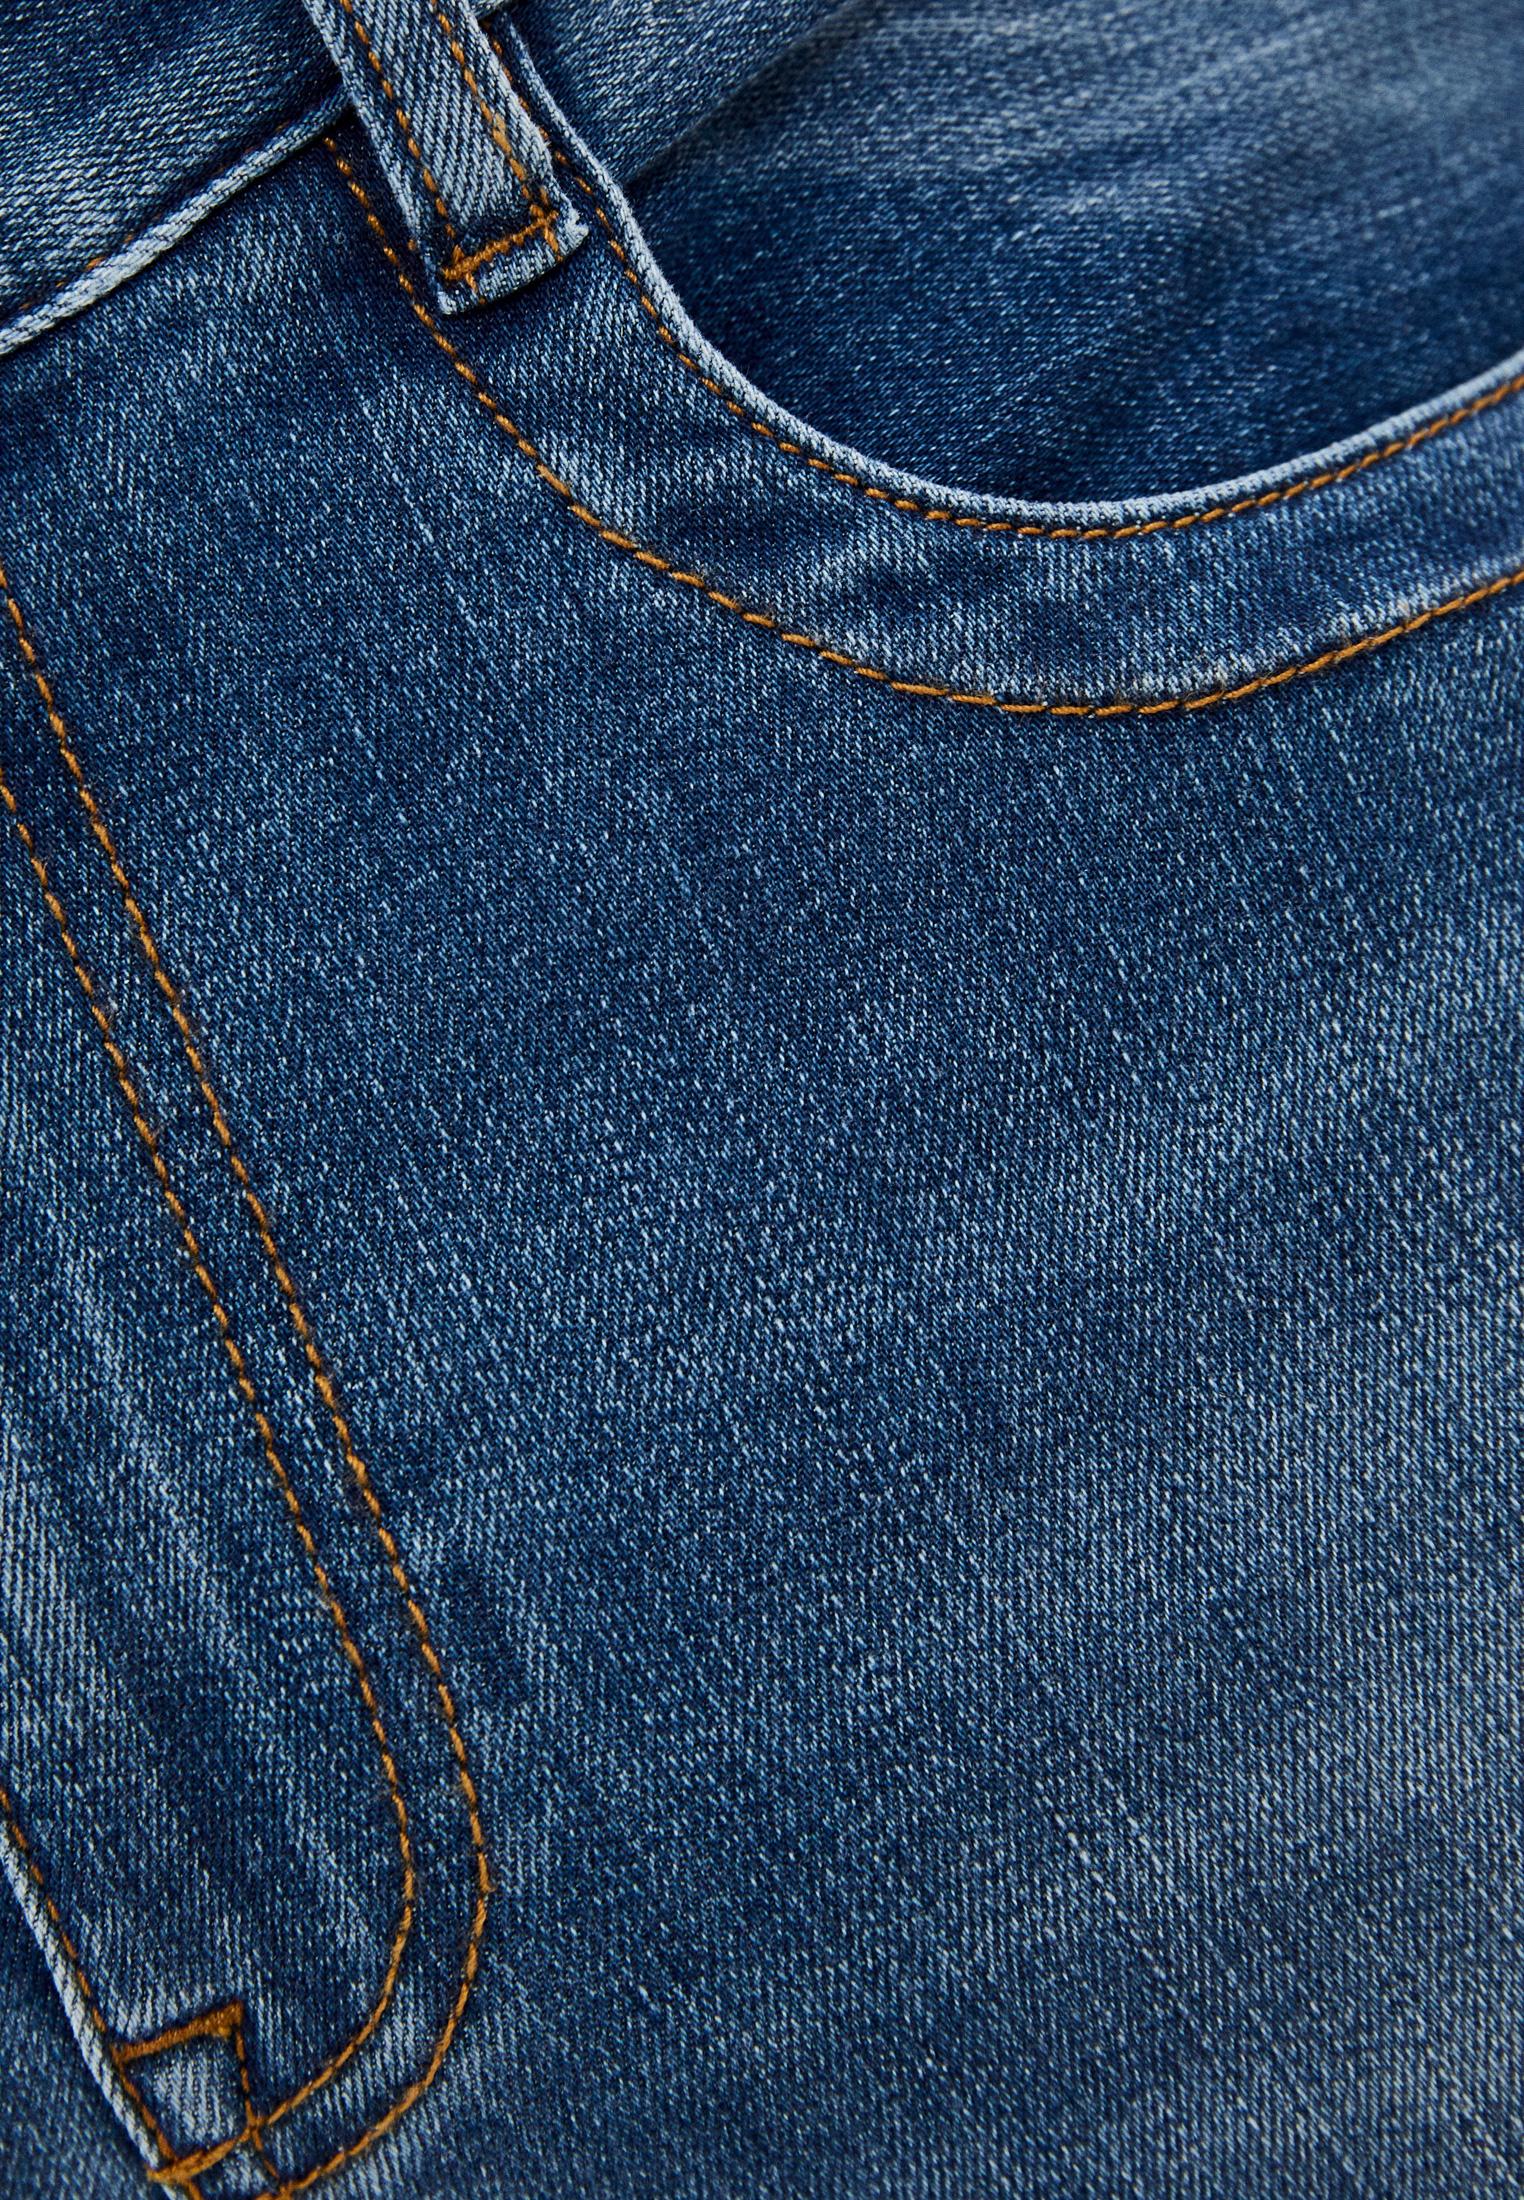 Мужские зауженные джинсы Bikkembergs (Биккембергс) C Q 101 00 S 3181: изображение 10